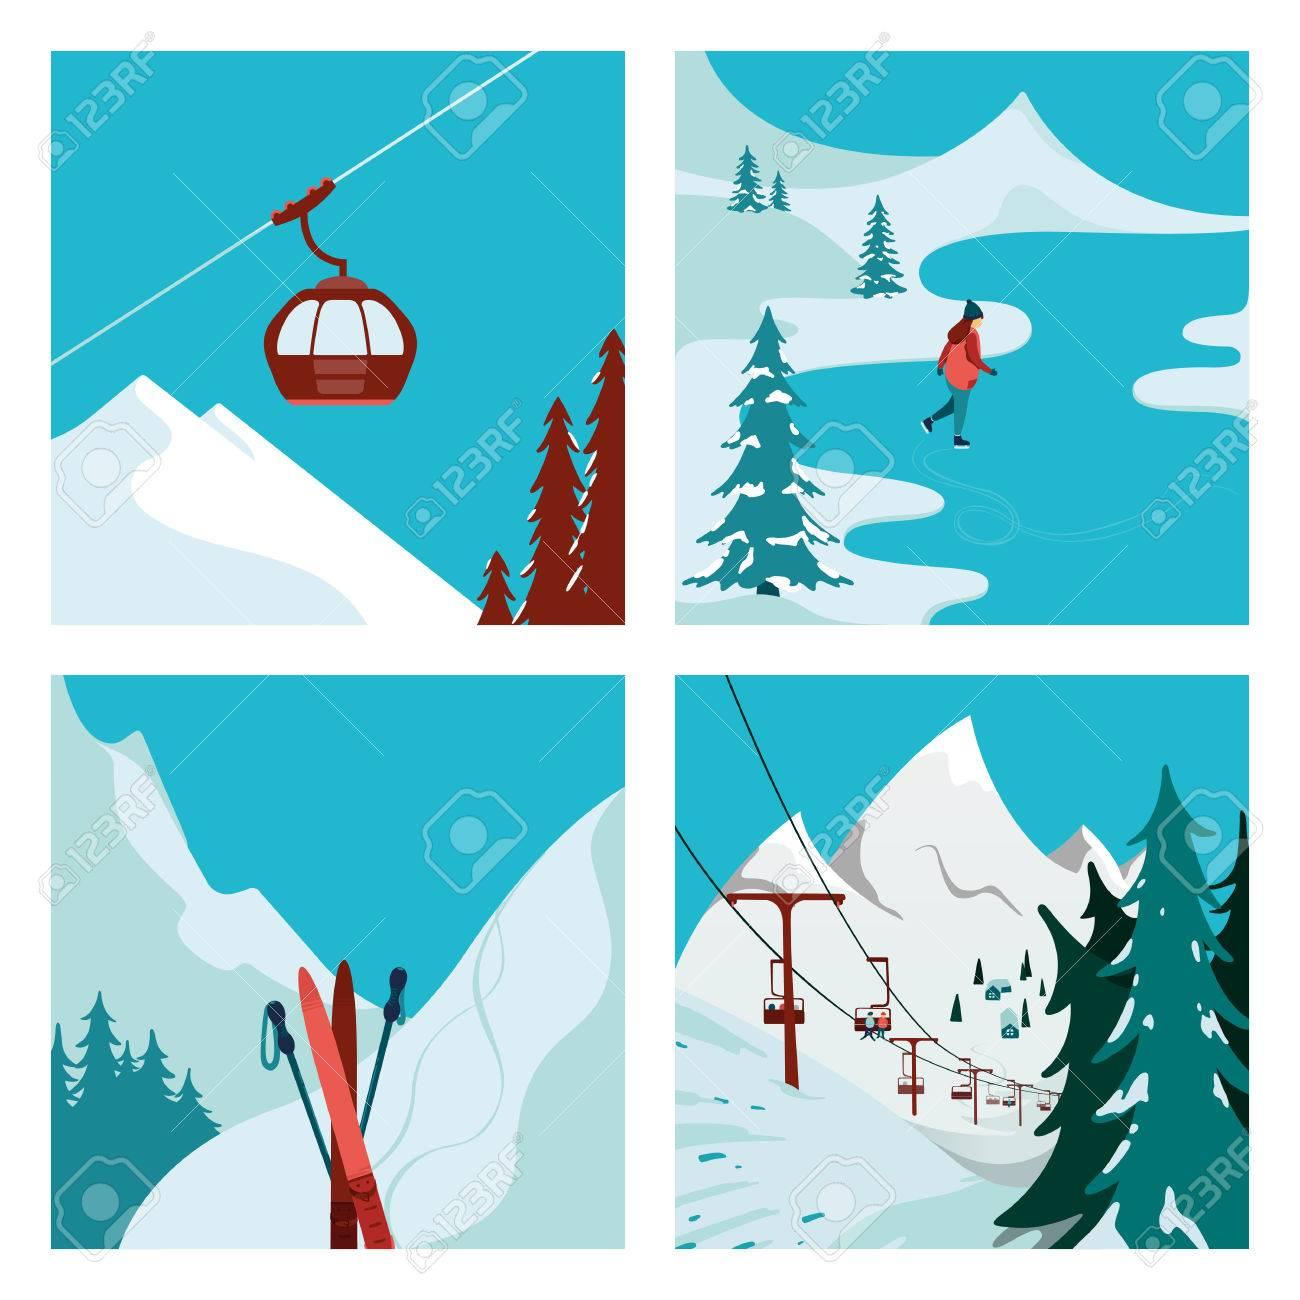 山のスキー場のリフトスケートの女の子冬の風景ベクトル イラスト